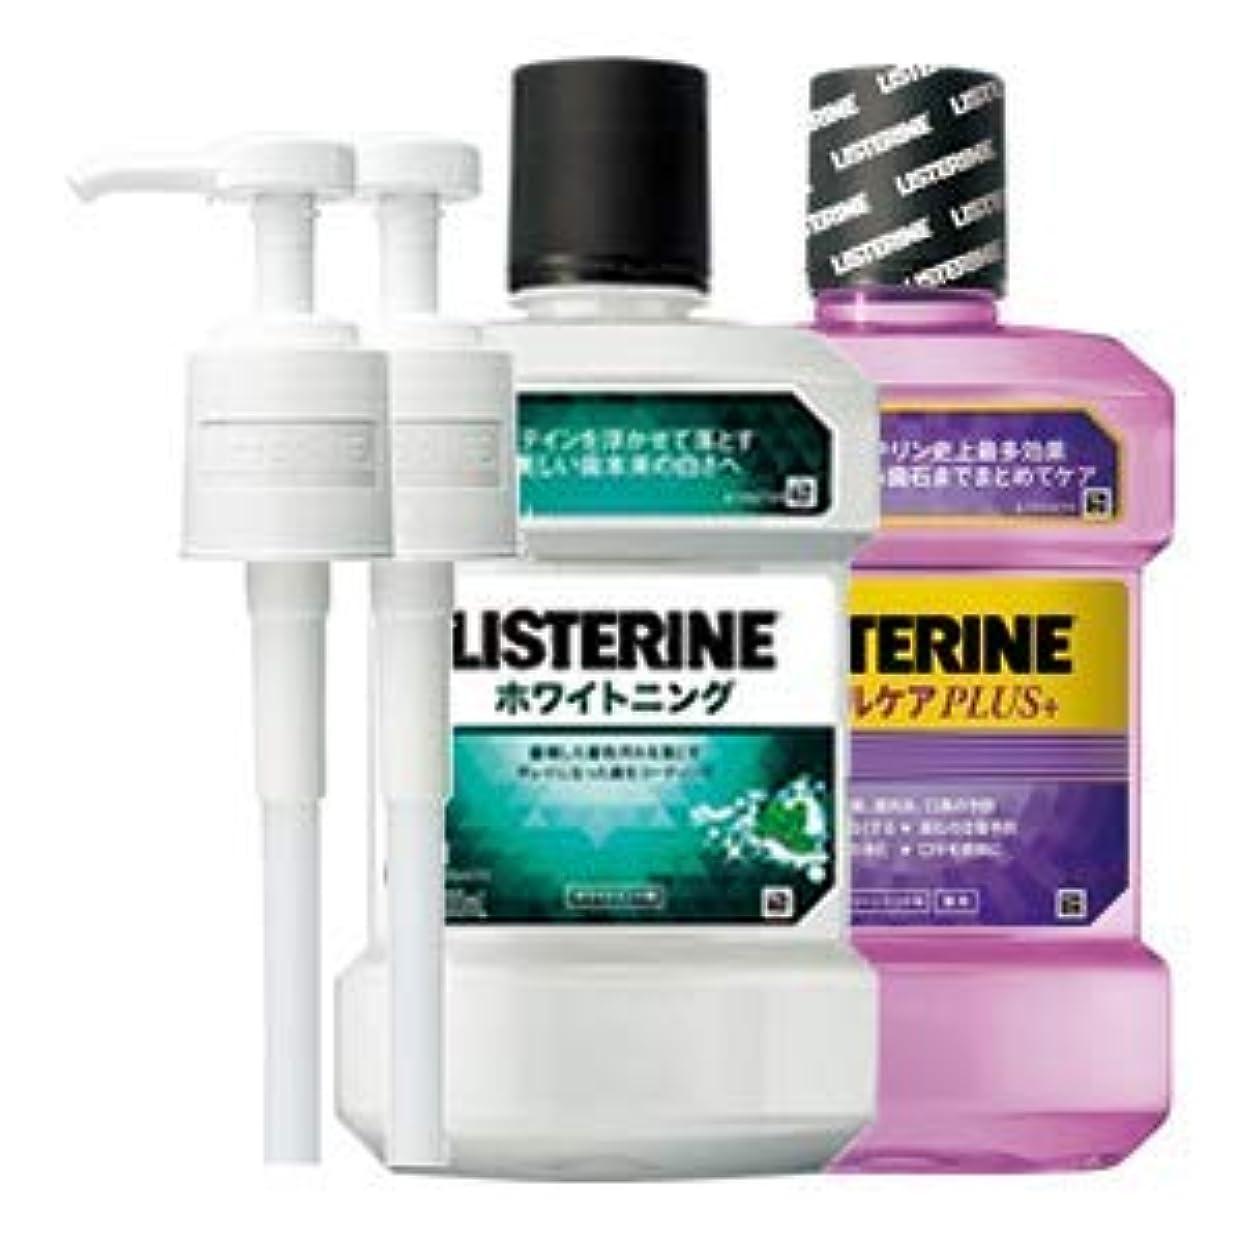 四回不測の事態追い付く薬用 リステリン ホワイトニング トータルケアプラス 1000mL 2点セット (ポンプ付)